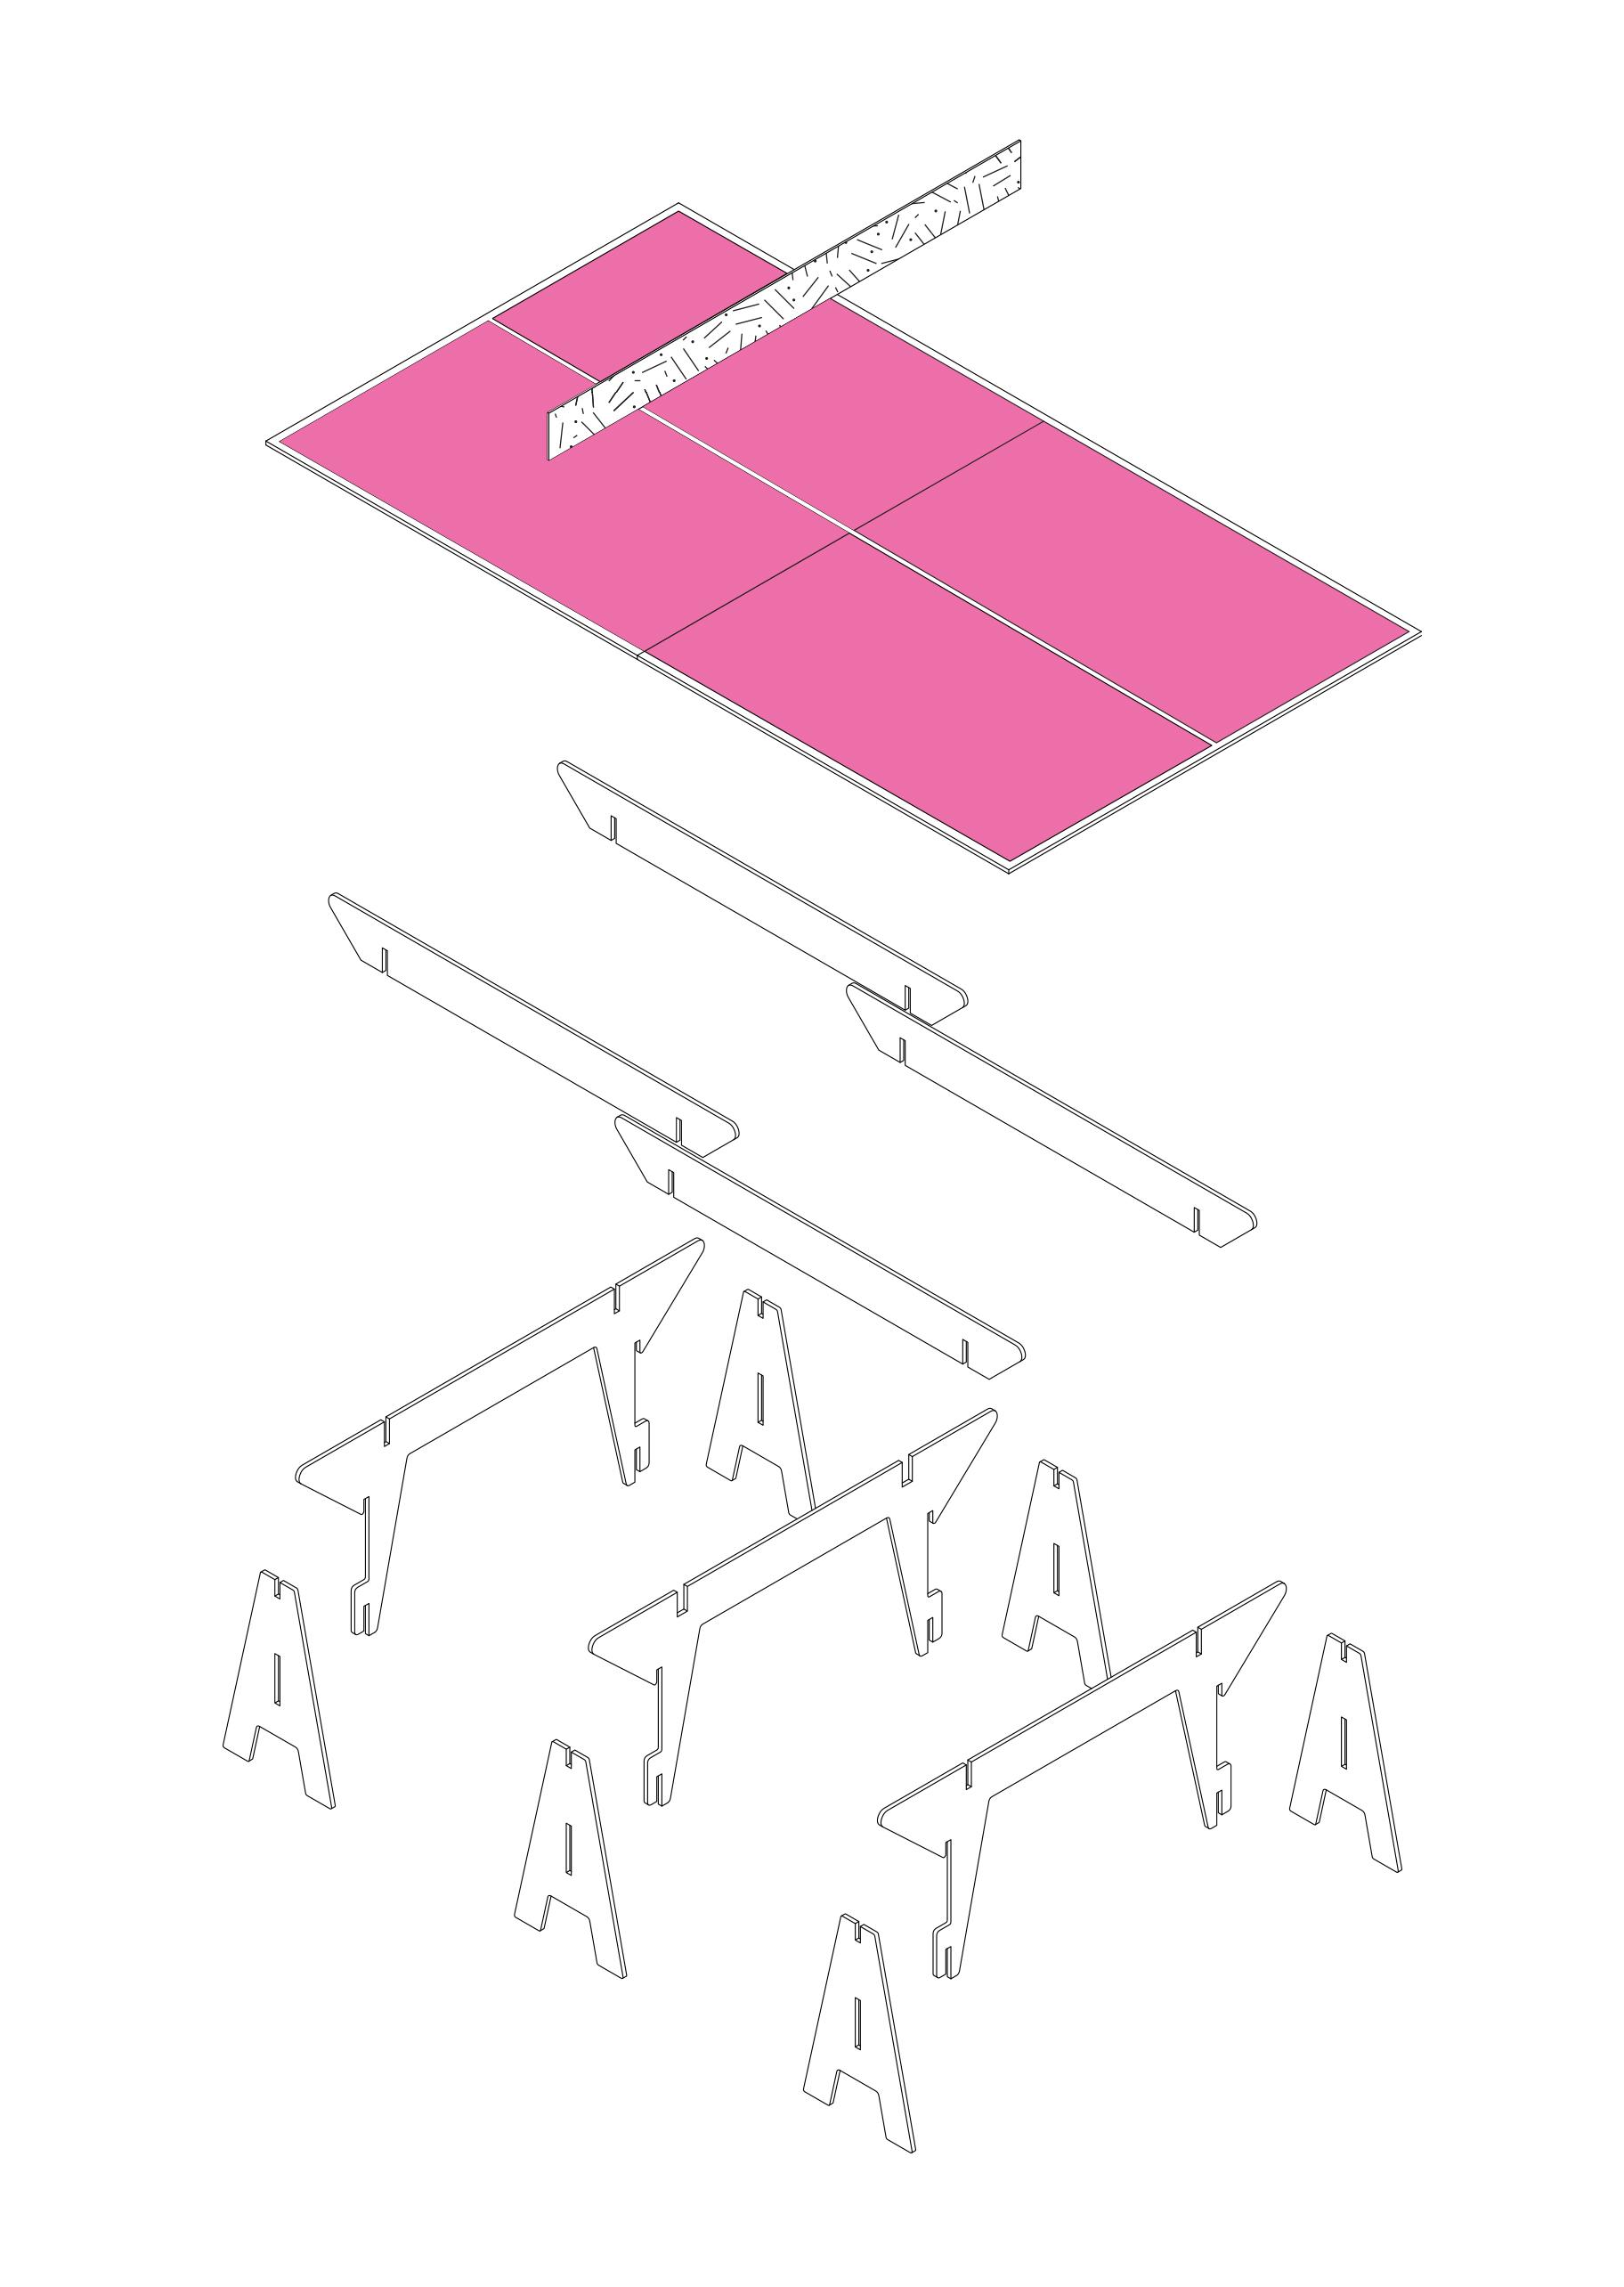 Diagram - Image.jpg